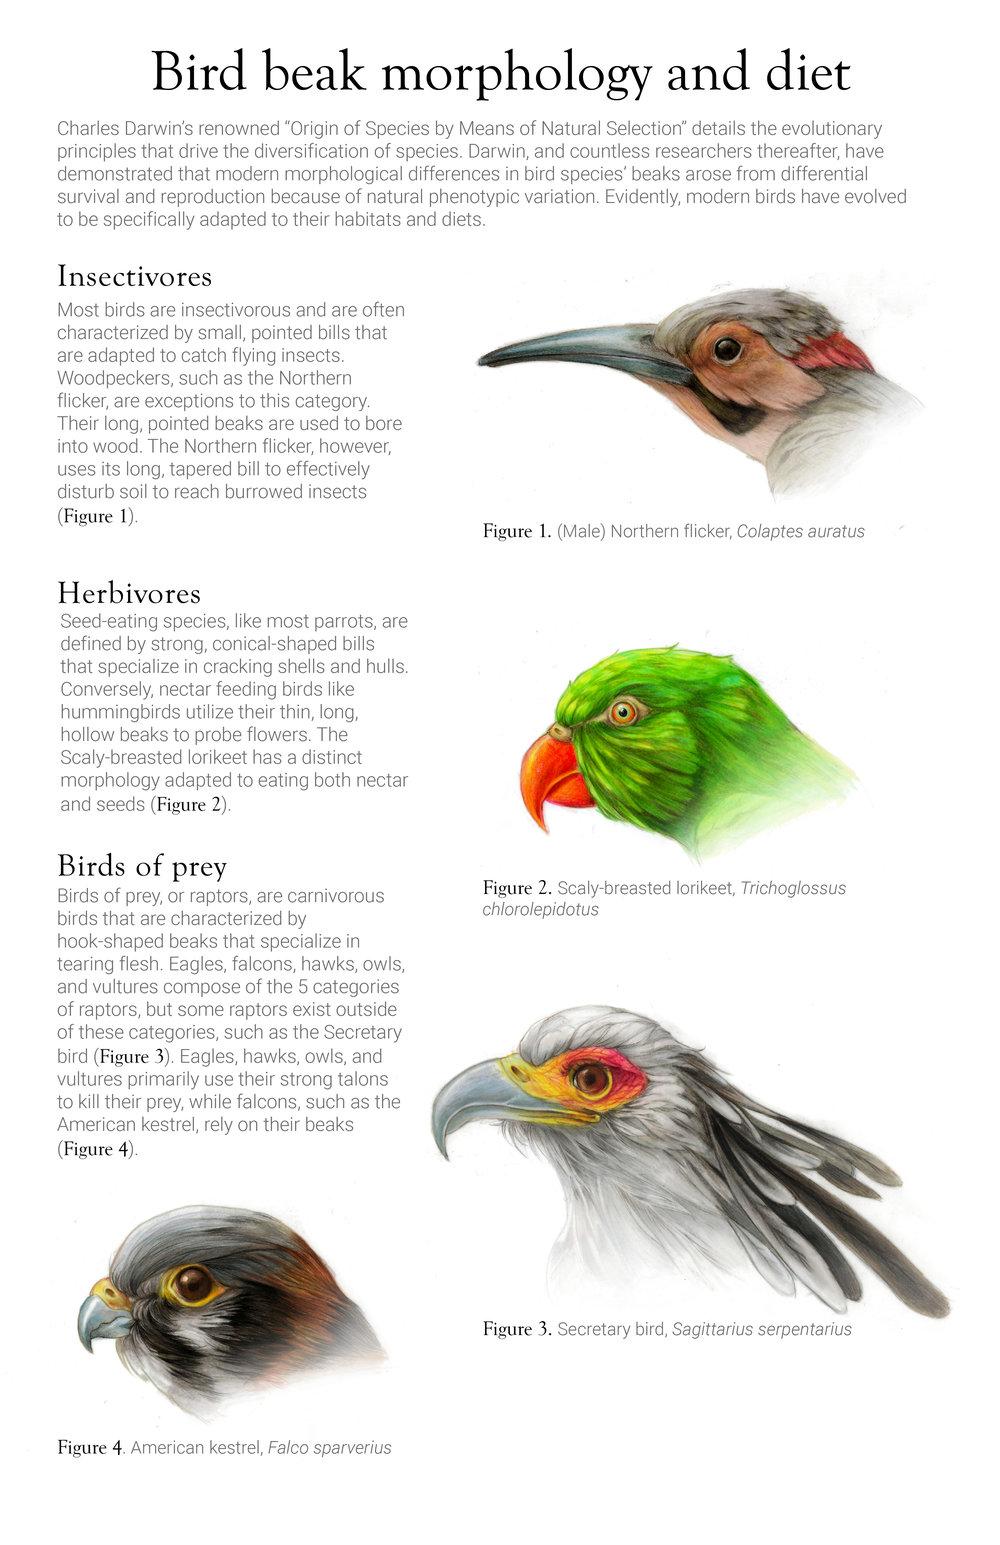 Beak morphology and diet